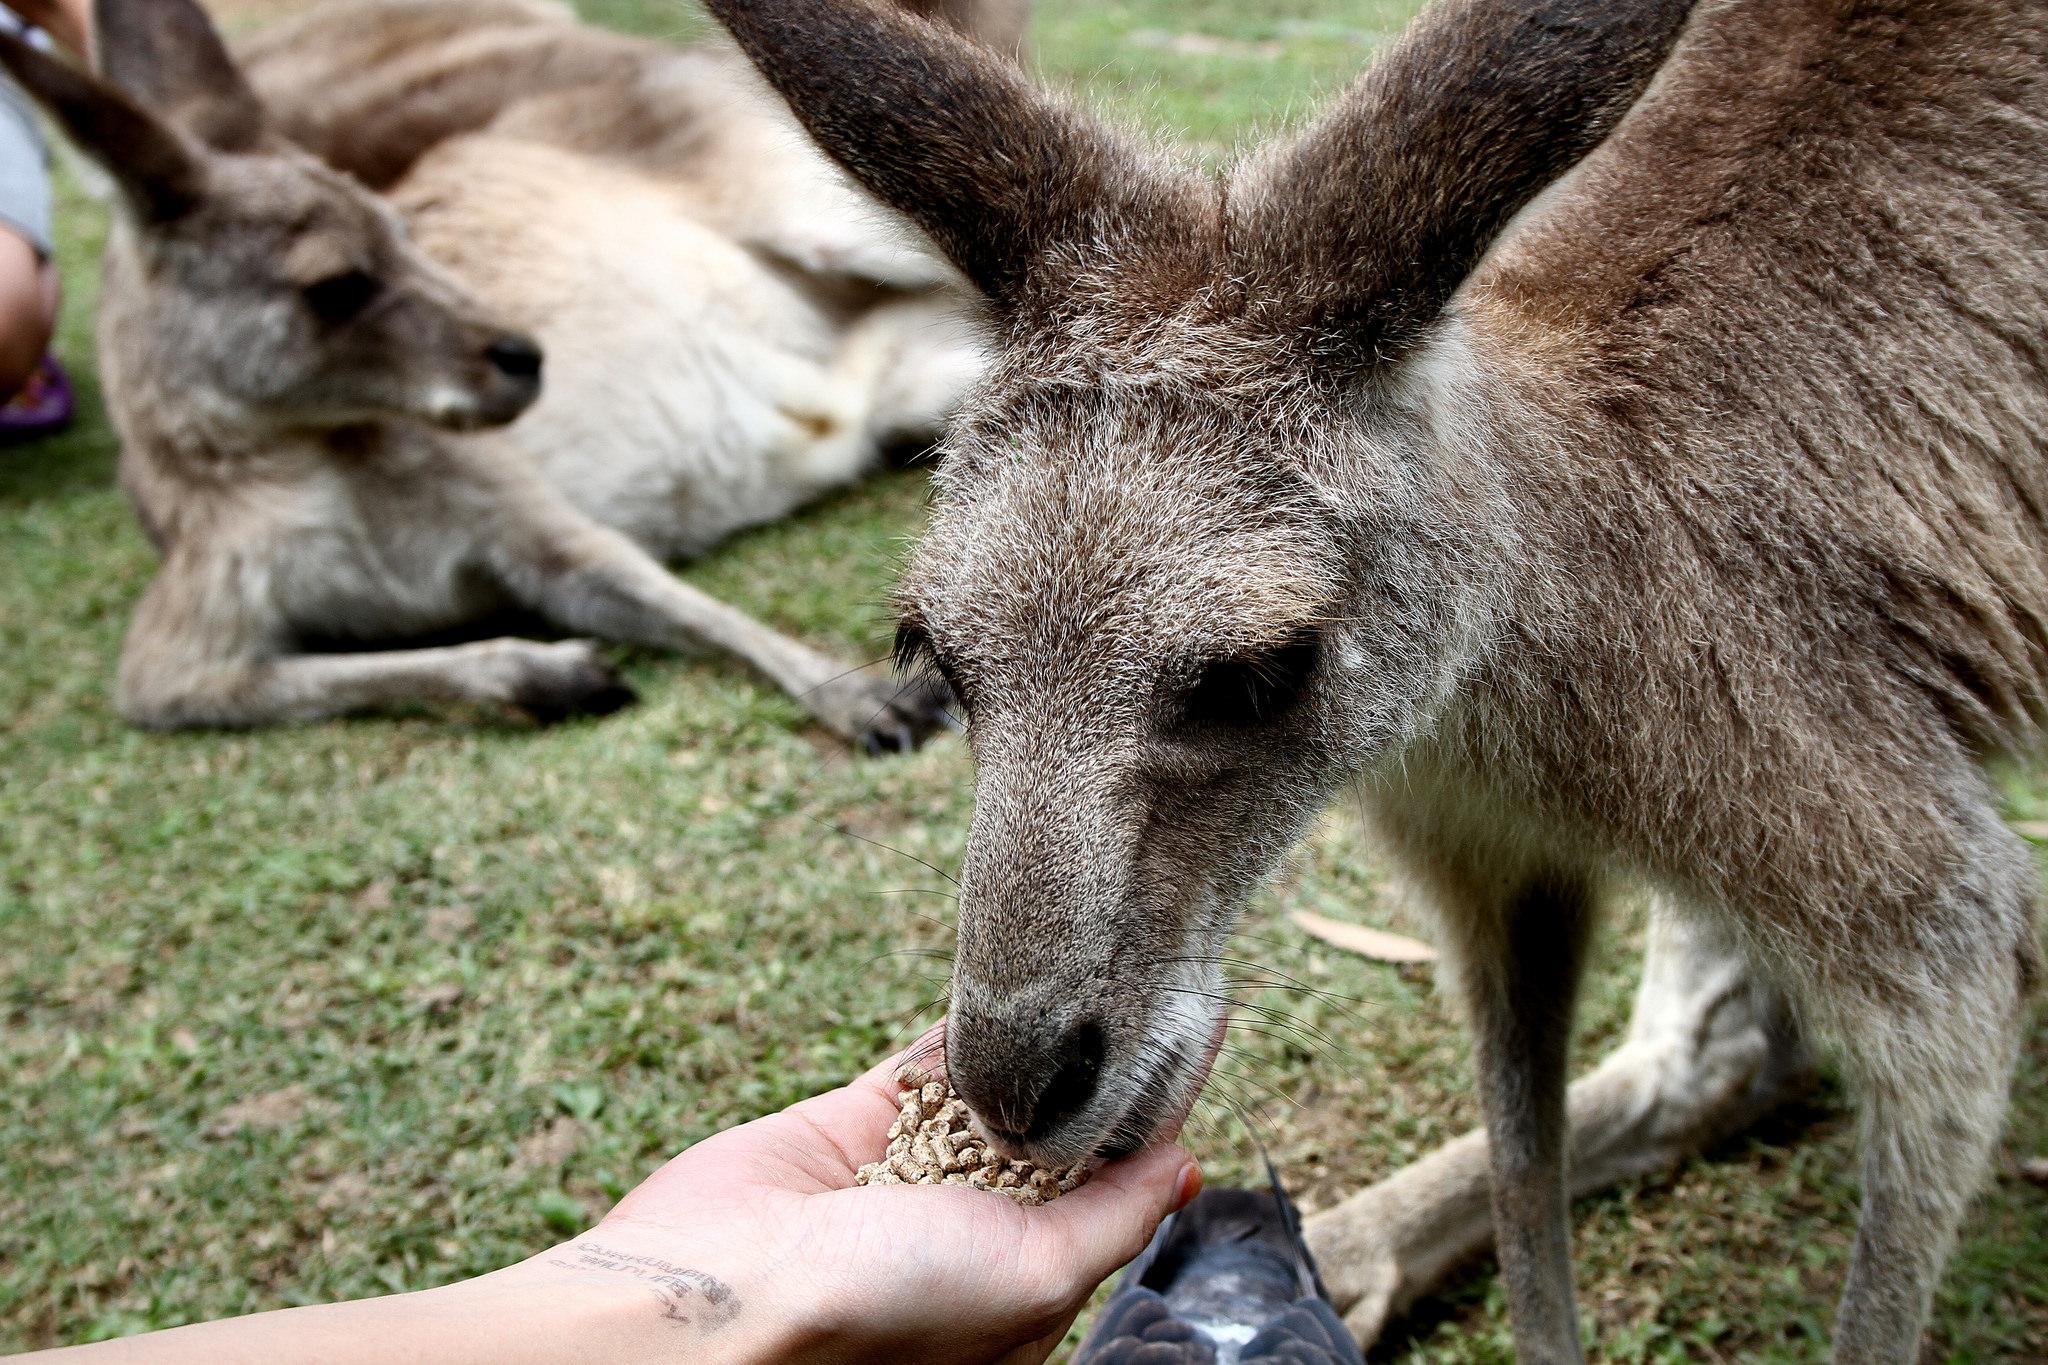 kangaroo encounters guided tours